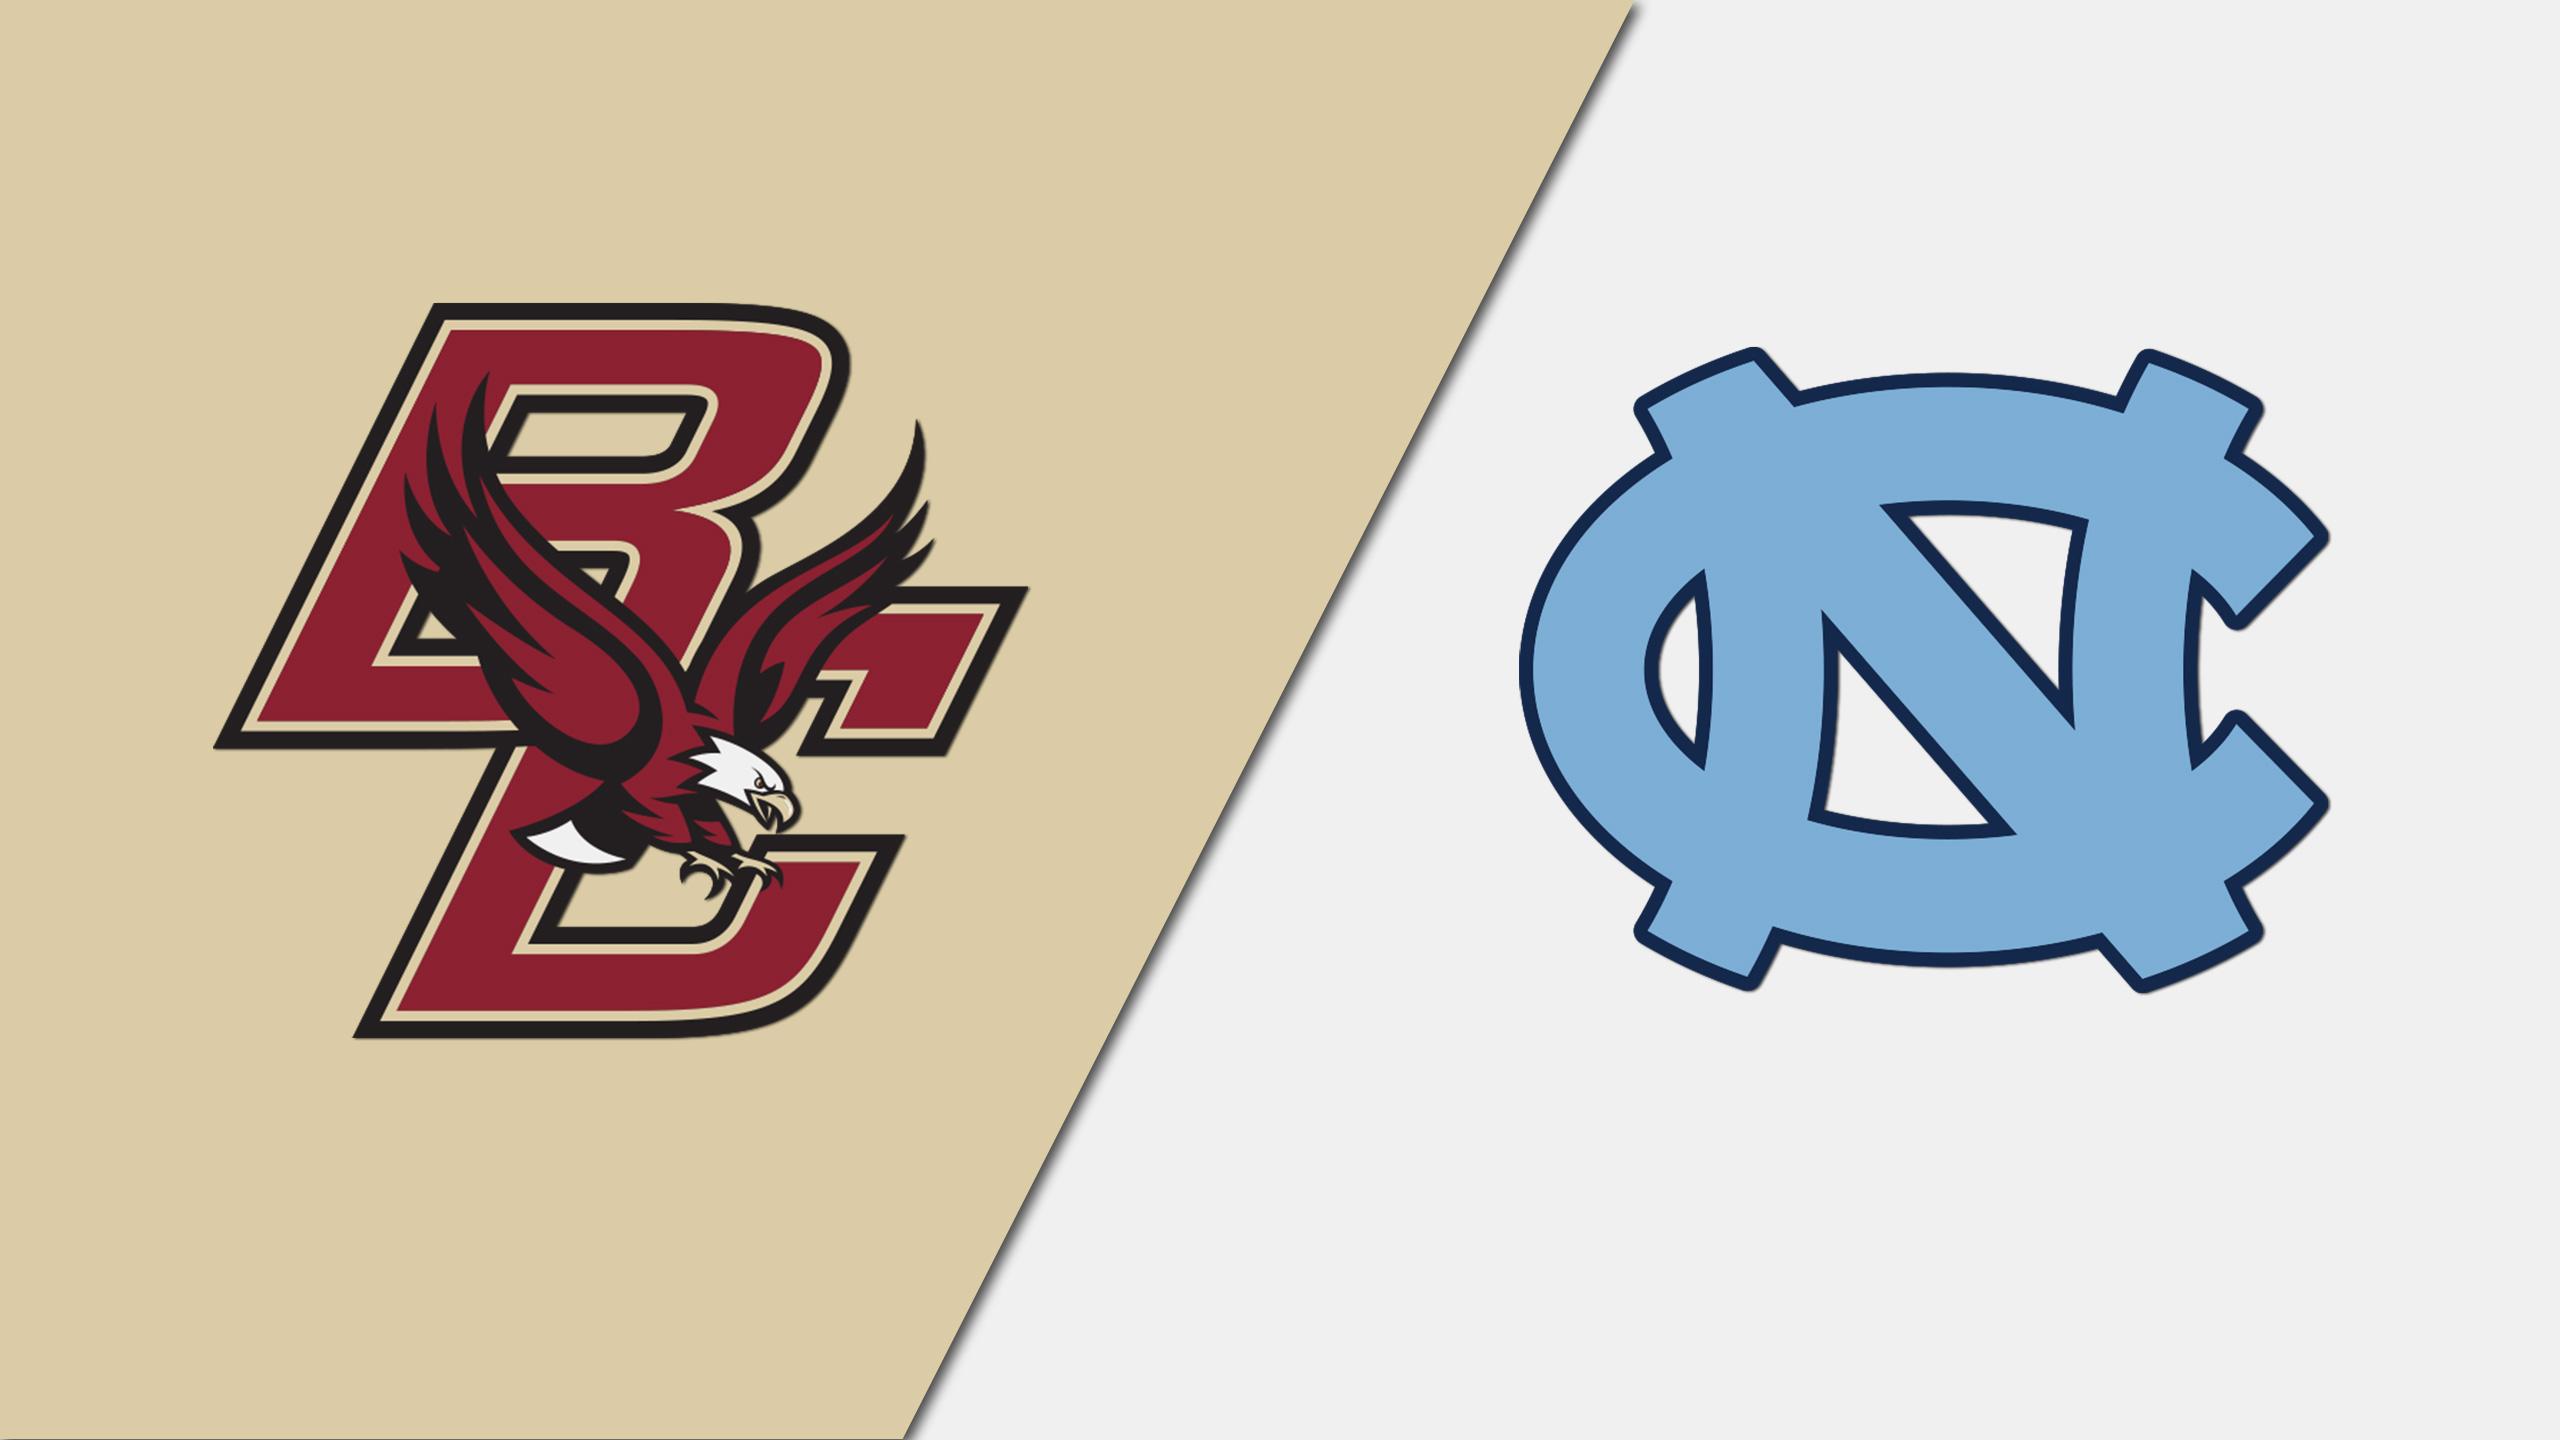 Boston College vs. North Carolina